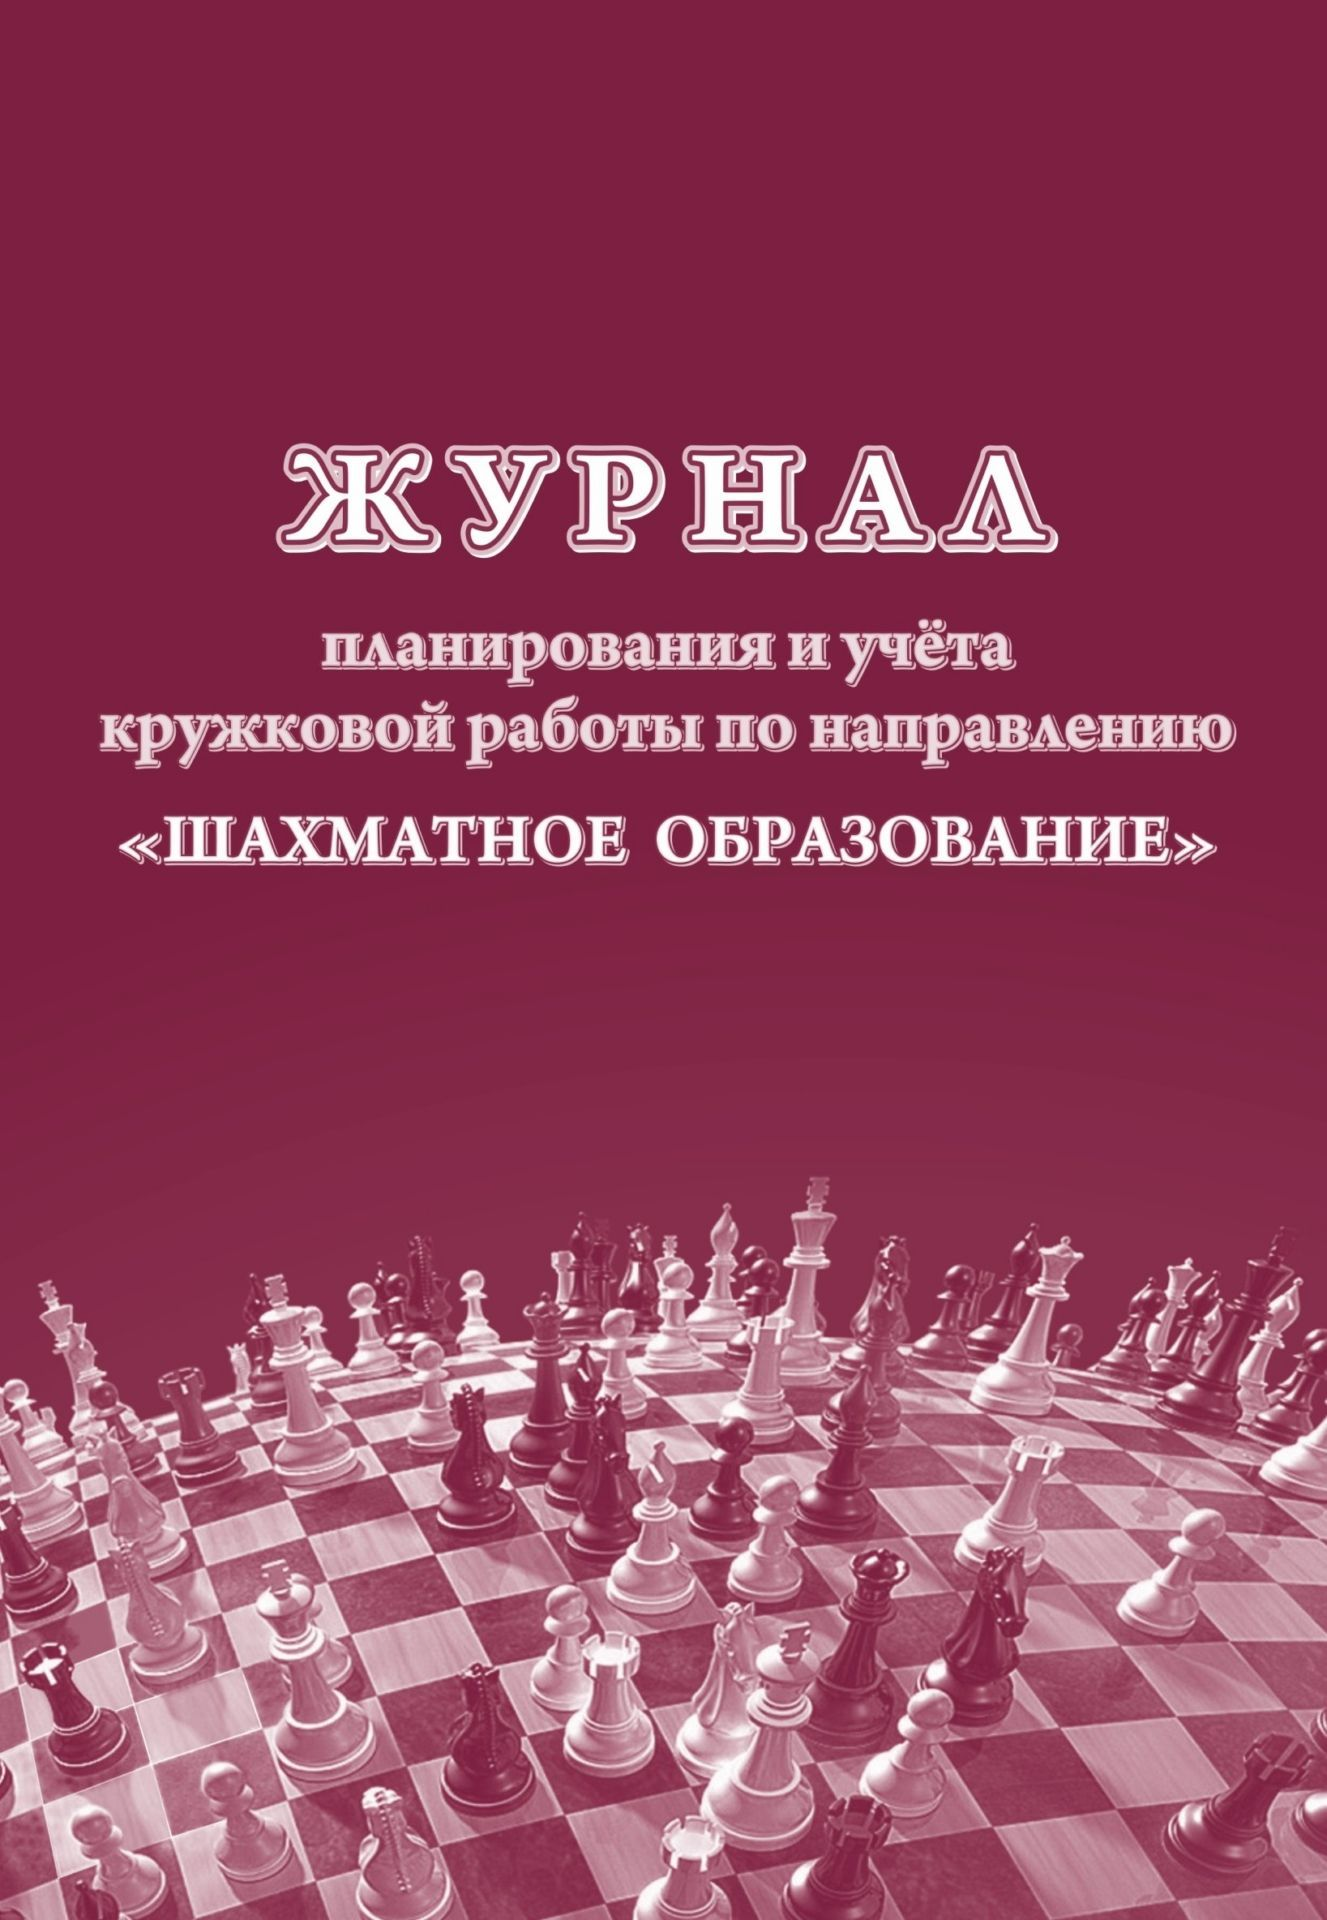 """Журнал планирования и учета кружковой работы по направлению """"Шахматное образование"""""""